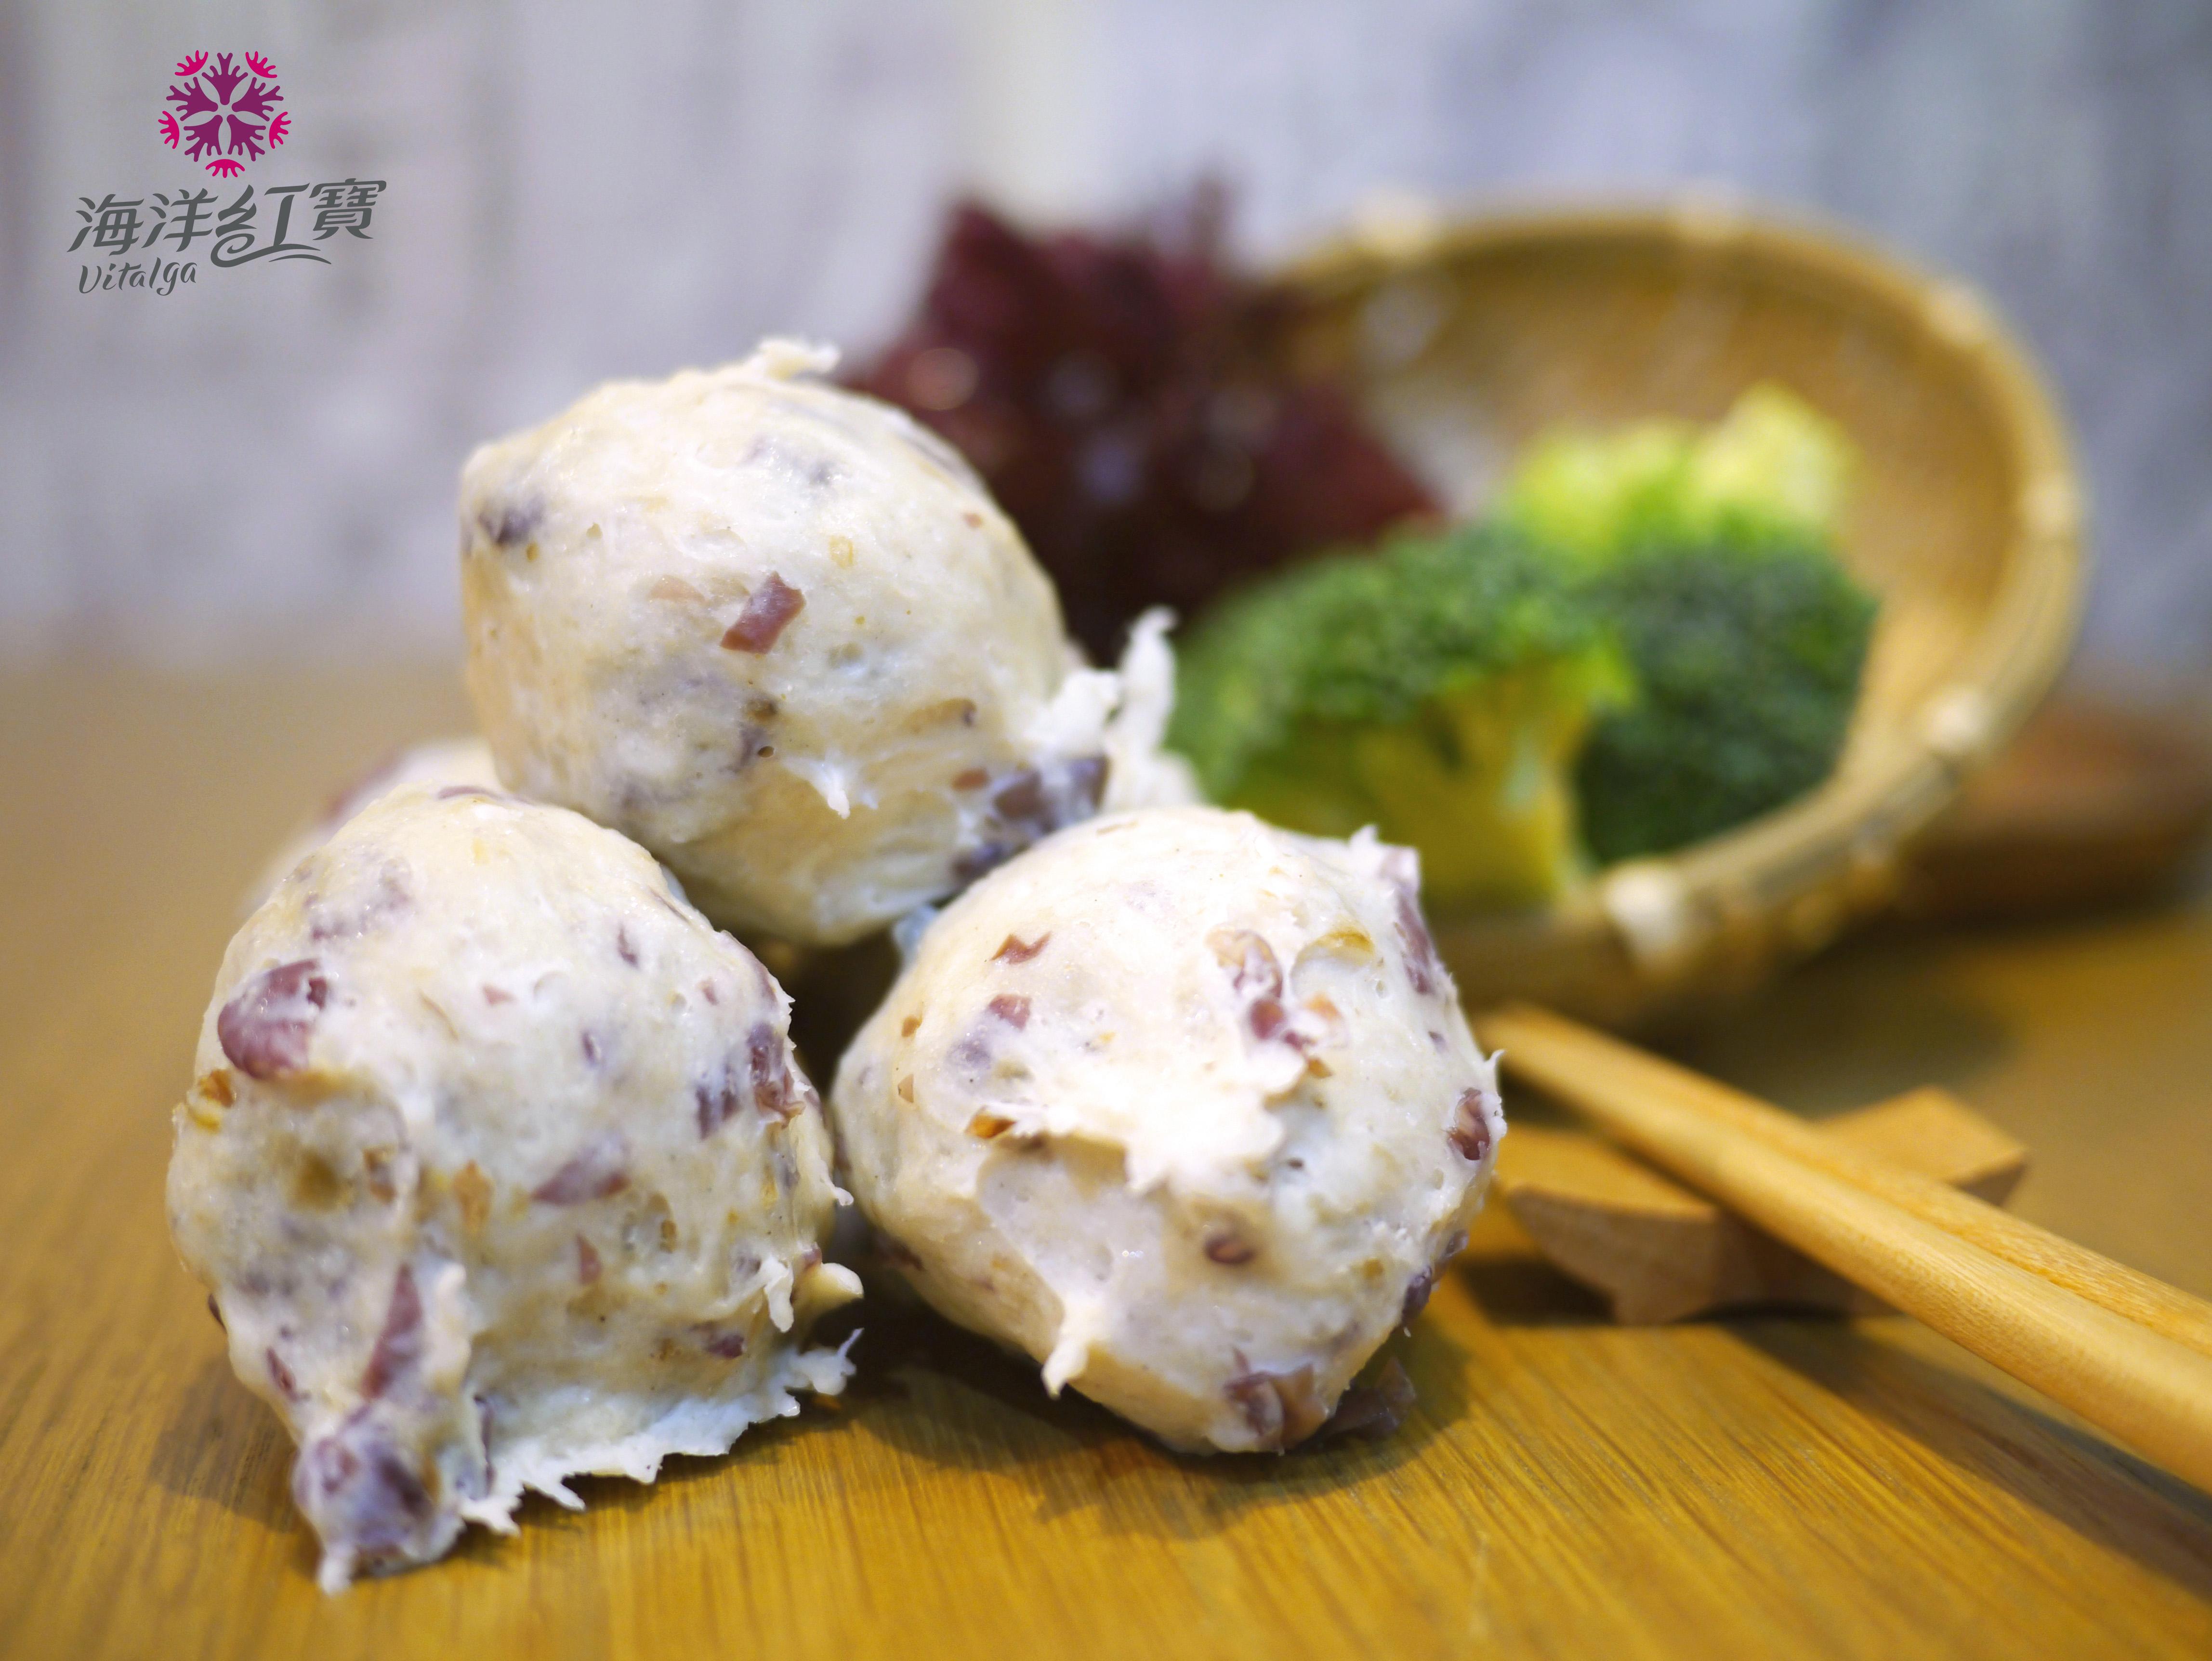 生鮮冷凍食材系列